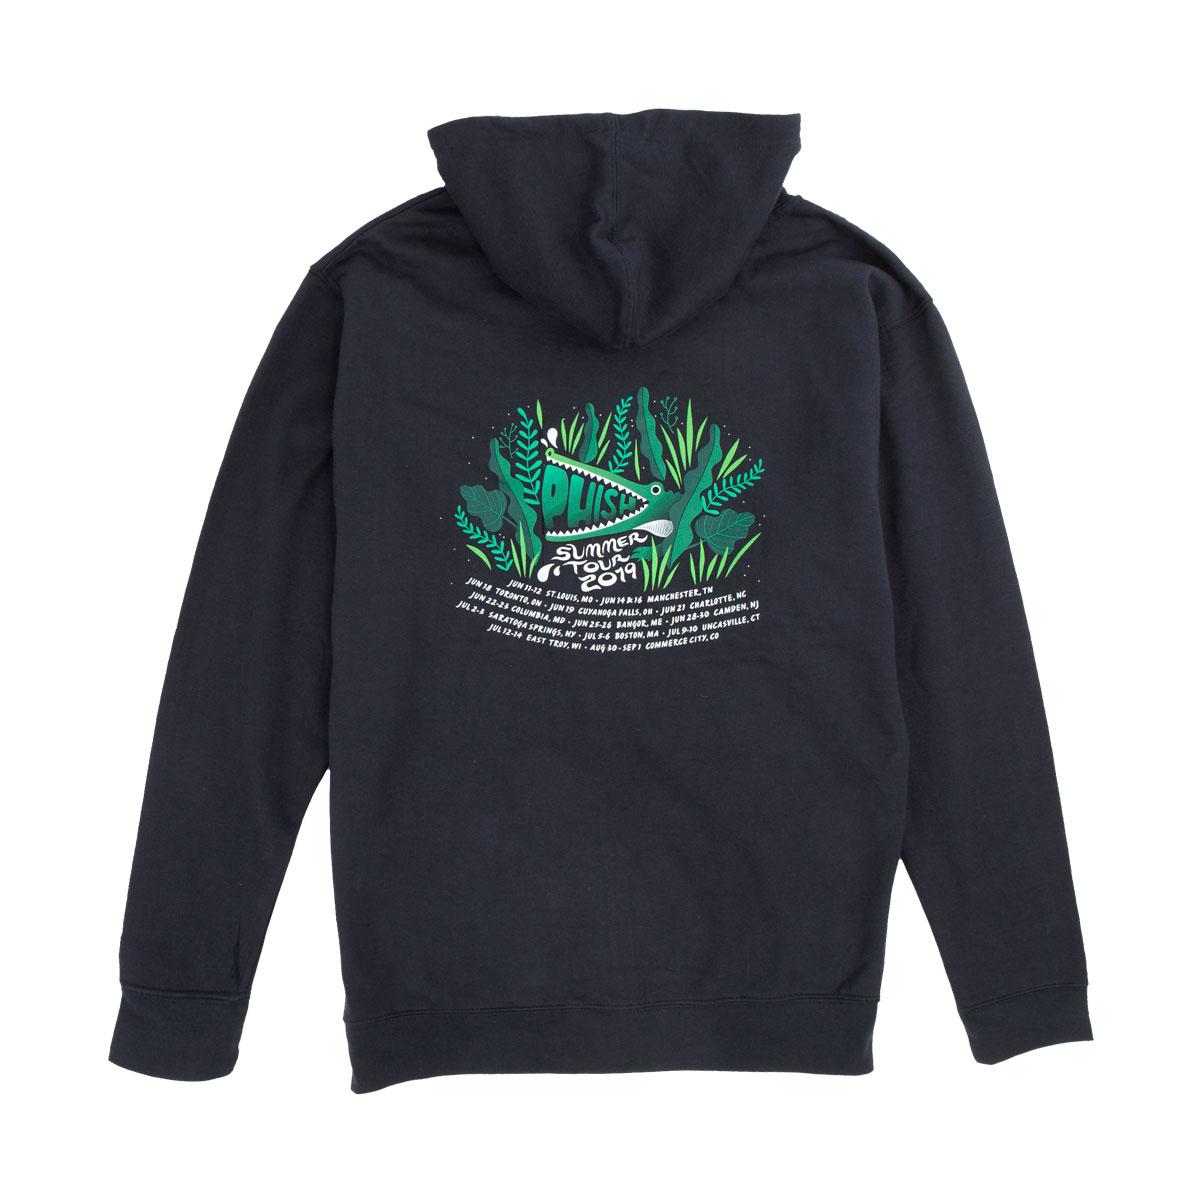 Summer Swampy 2019 Tour Zip Hoodie